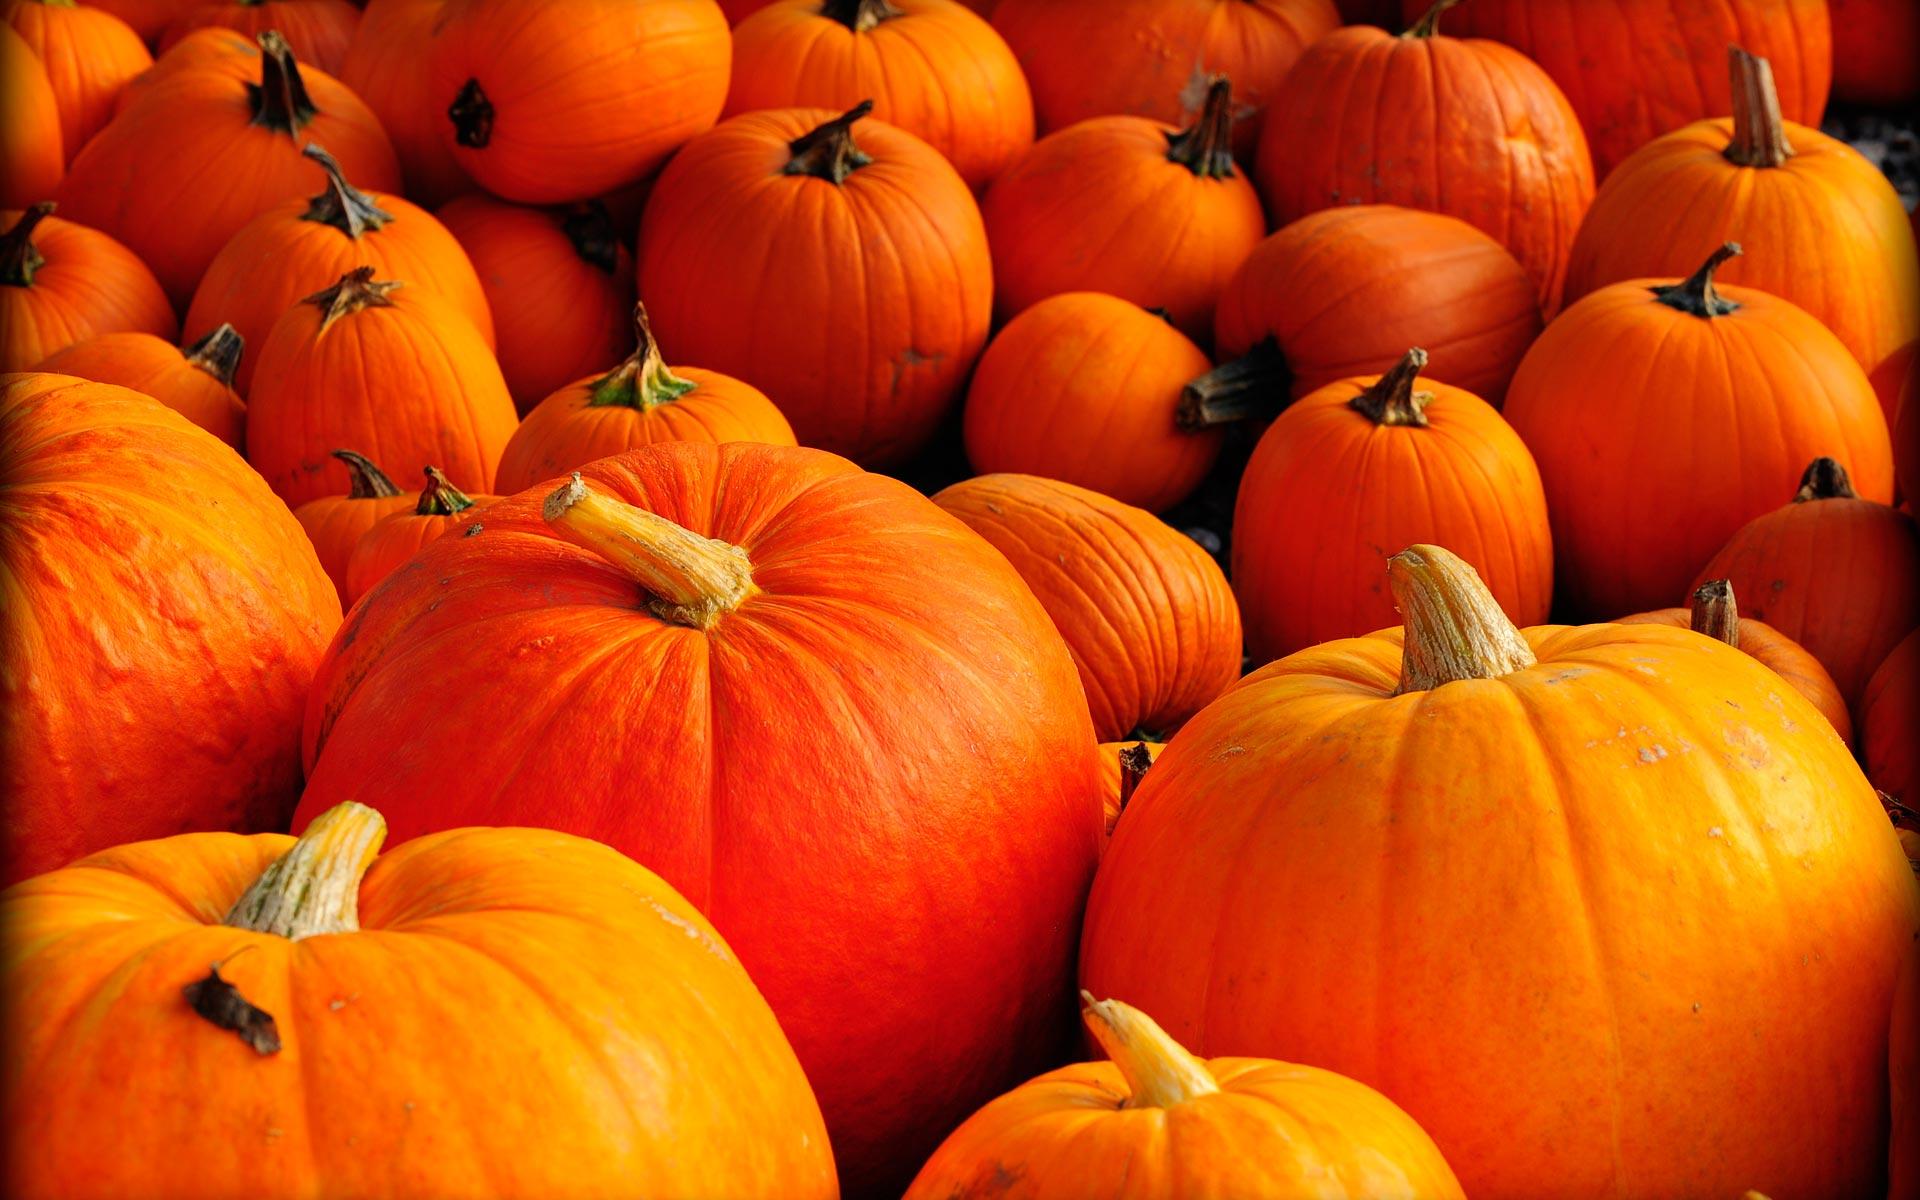 Free HD Pumpkin Wallpapers | PixelsTalk Net